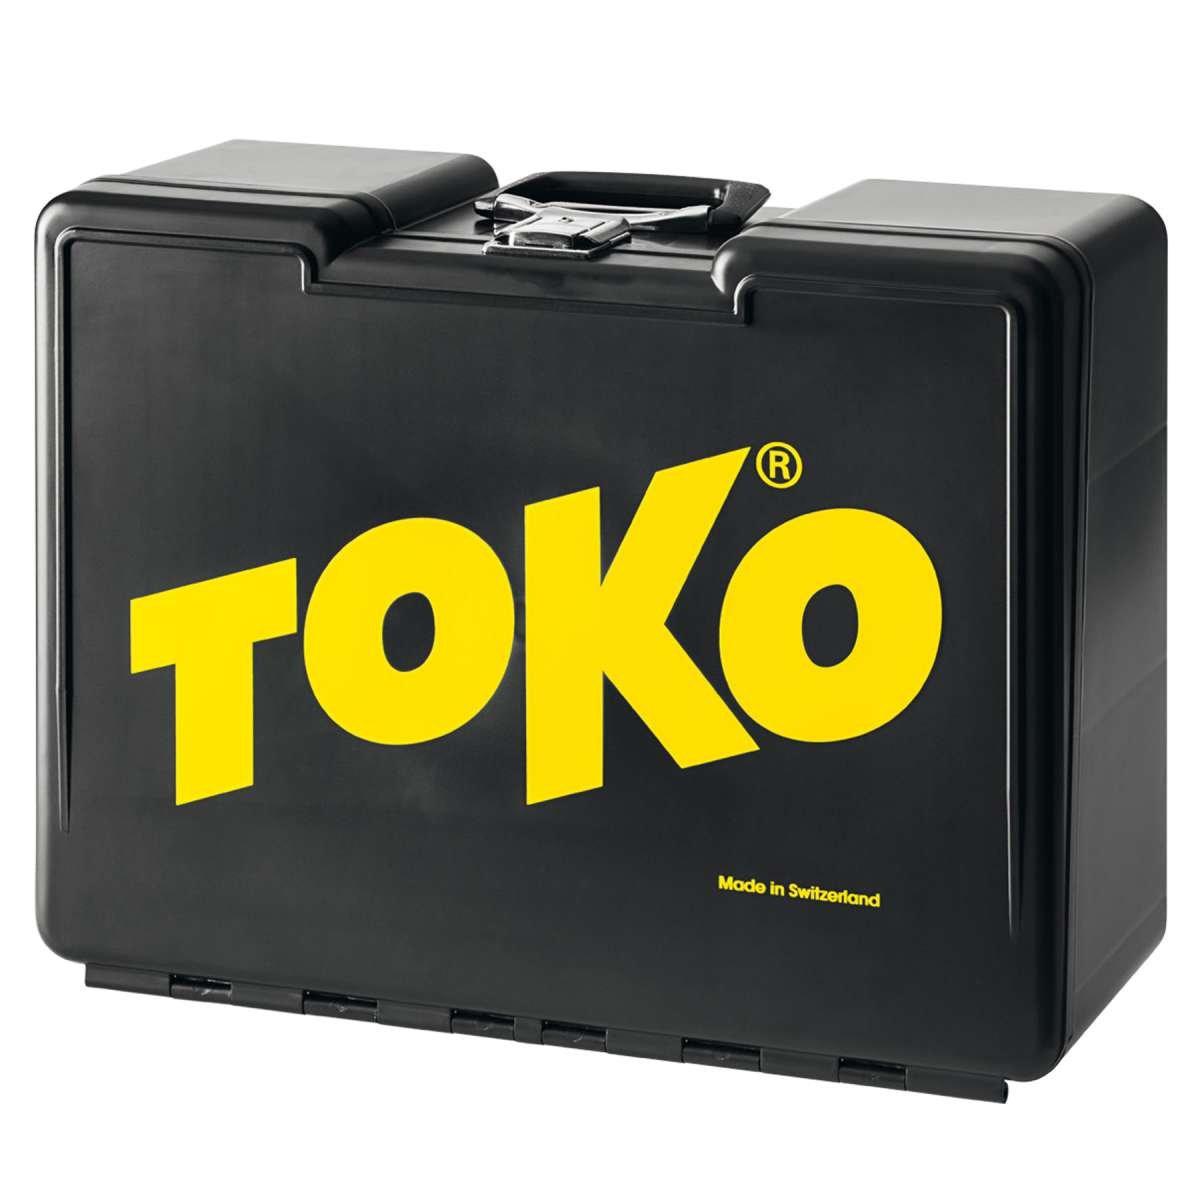 TOKO(トコ) スキー スノーボード メンテナンス用 ケース ビックボックス 5547169